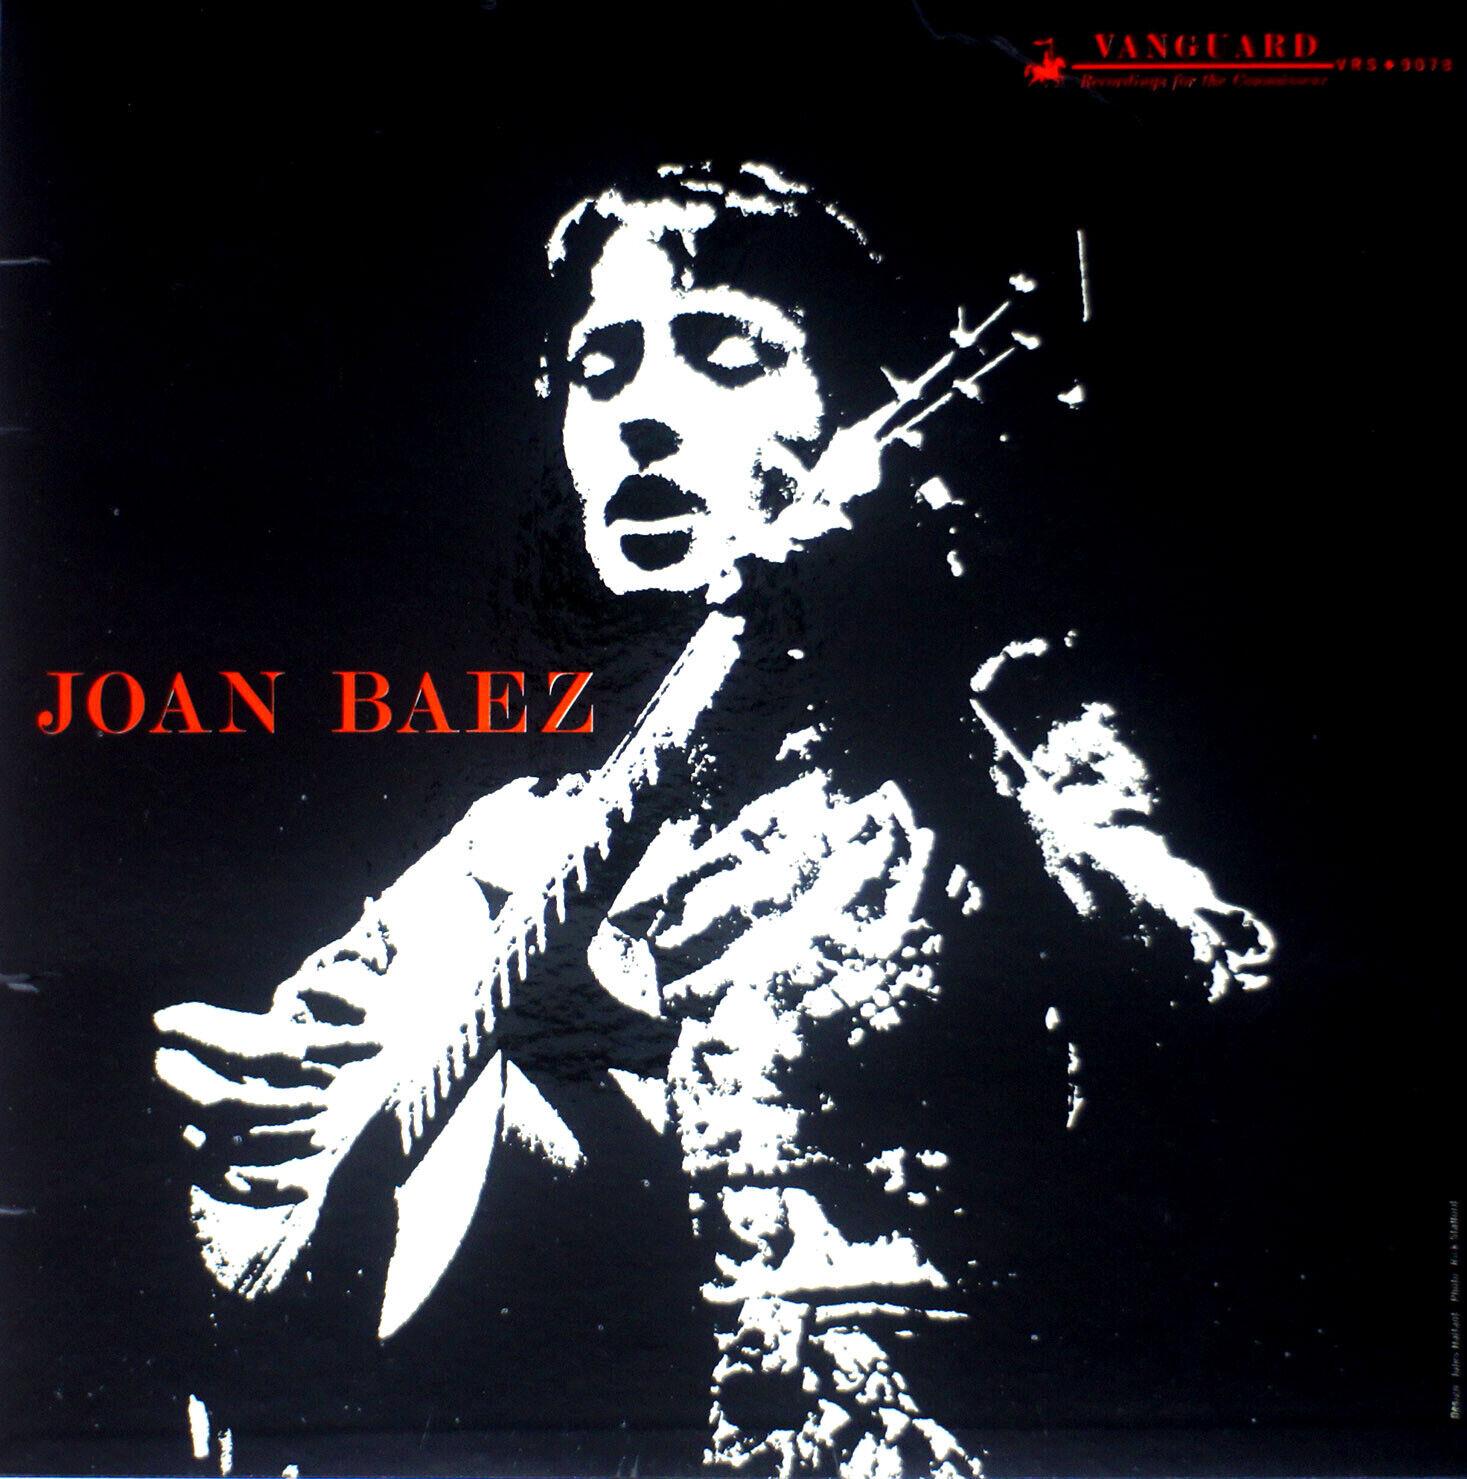 Joan Baez - Joan Baez G/VG 07-1139 Vinyl LP - $12.00